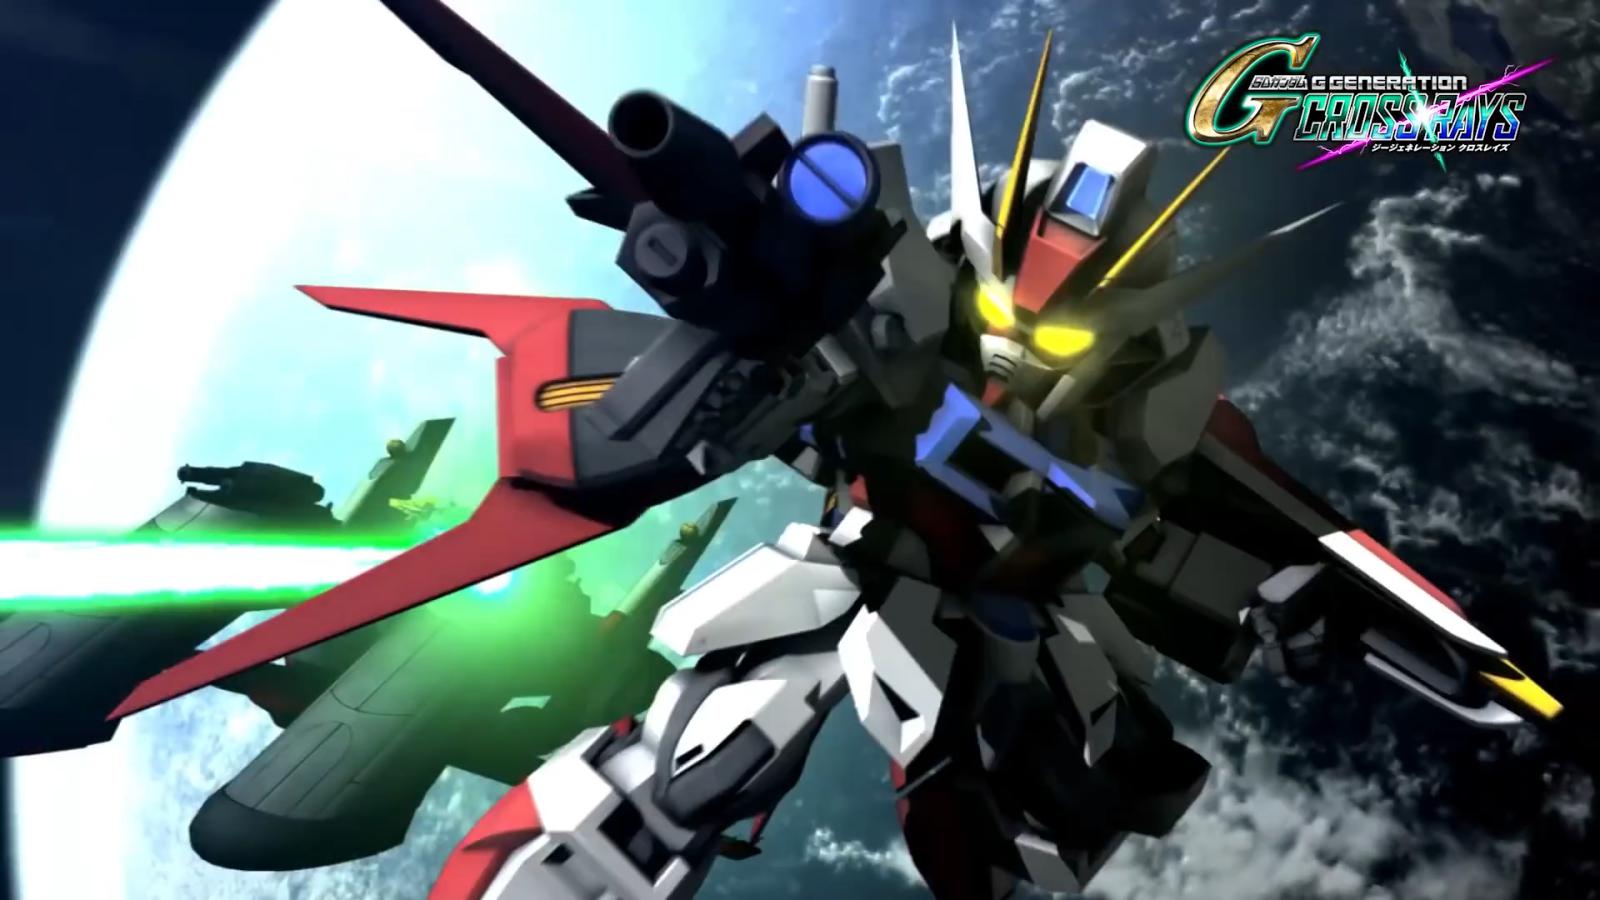 《SD高达G世纪 火线纵横》OP动画公布,11月28日繁中版同步发售